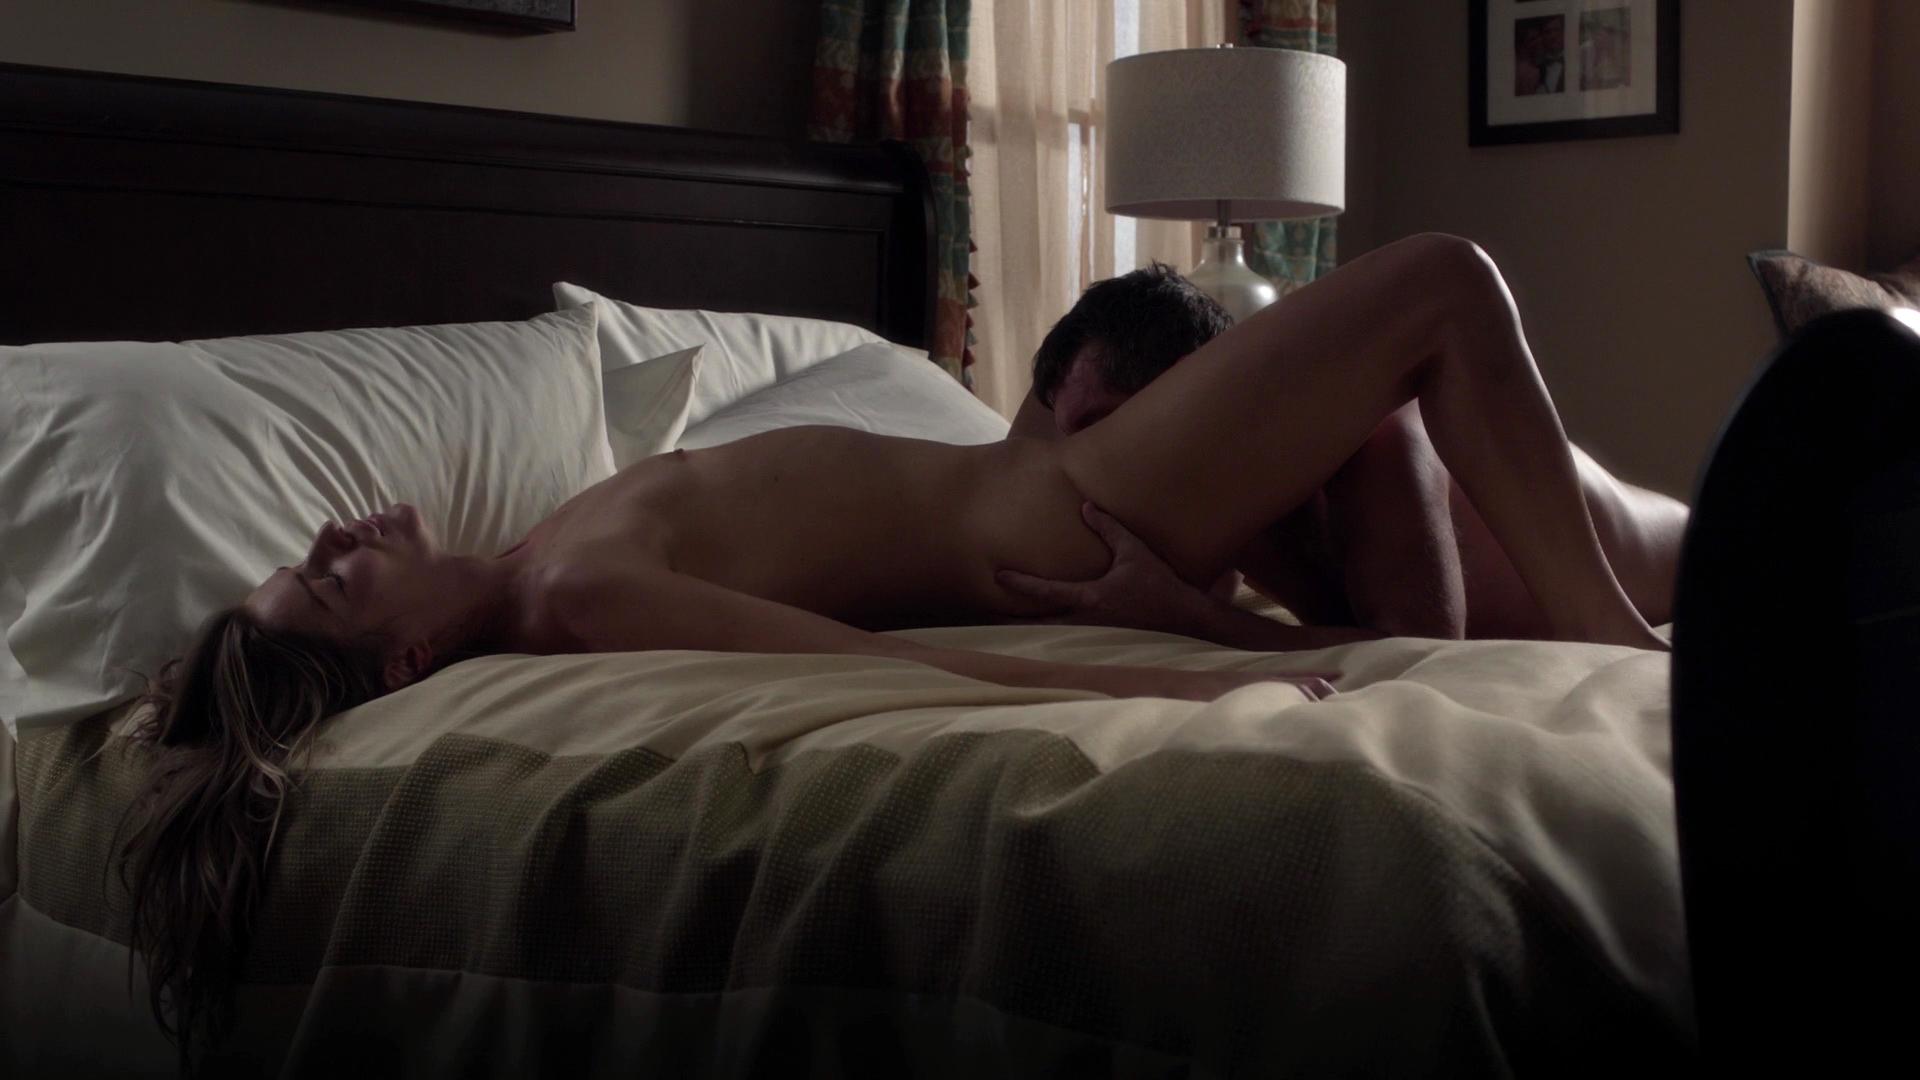 Sexszenen Wendy Michelle, Mädchen küssen sich mit Jungen mit heißen, nackten Fotos